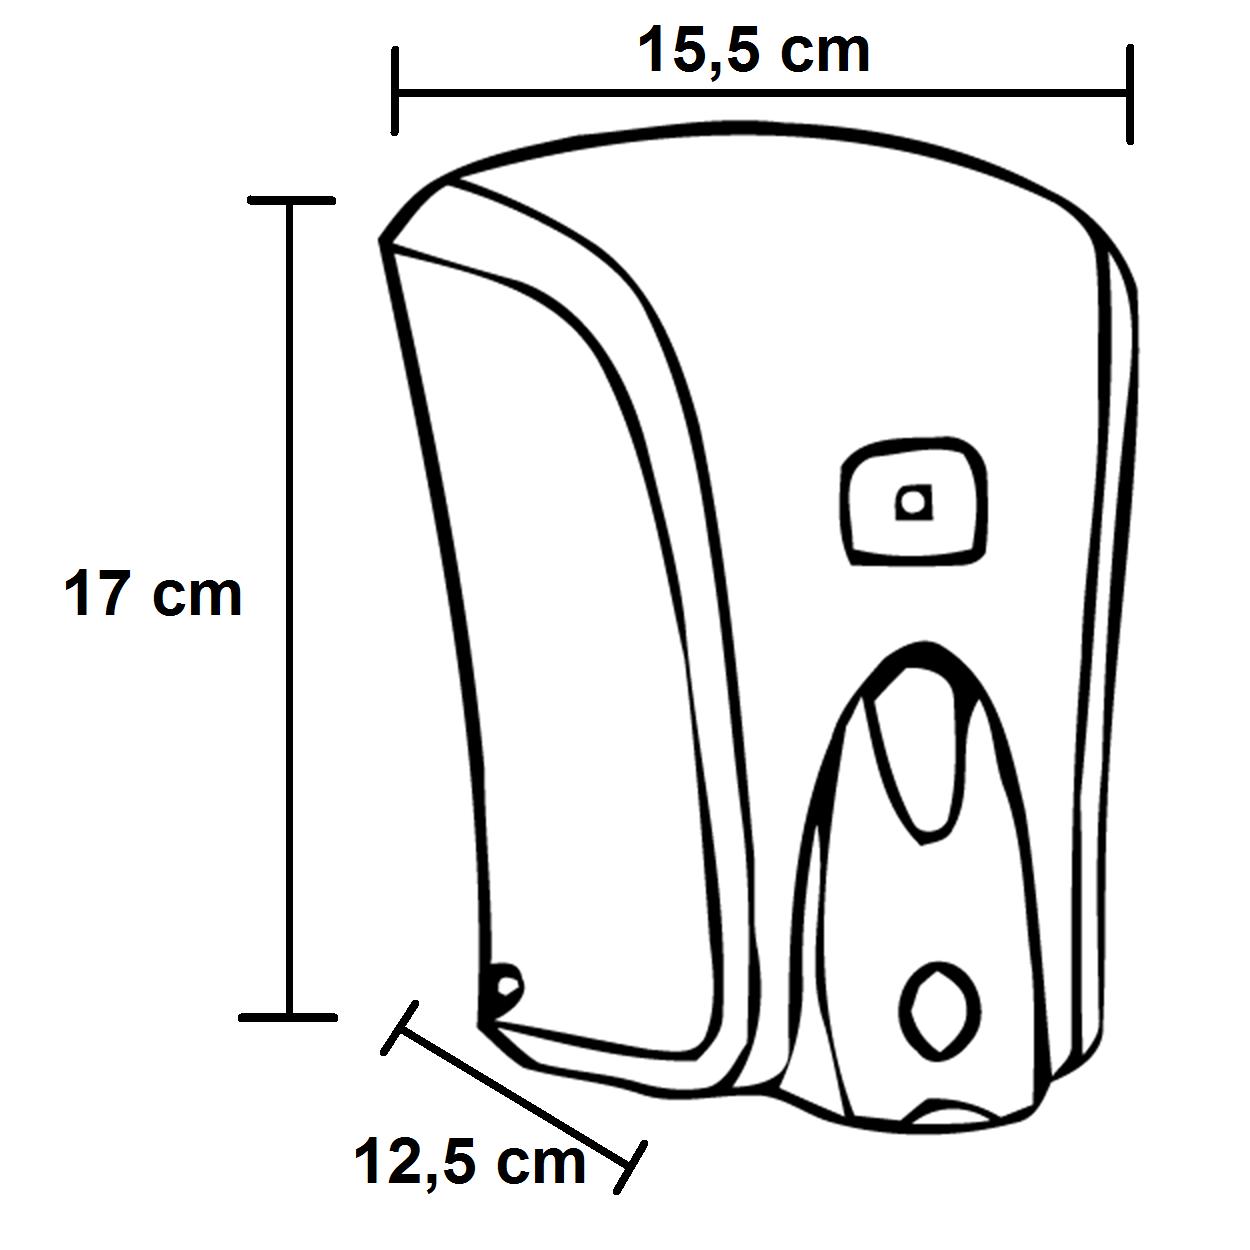 RAMI-3036 Szappanadagoló ABS 1000 ml műszaki adatlap